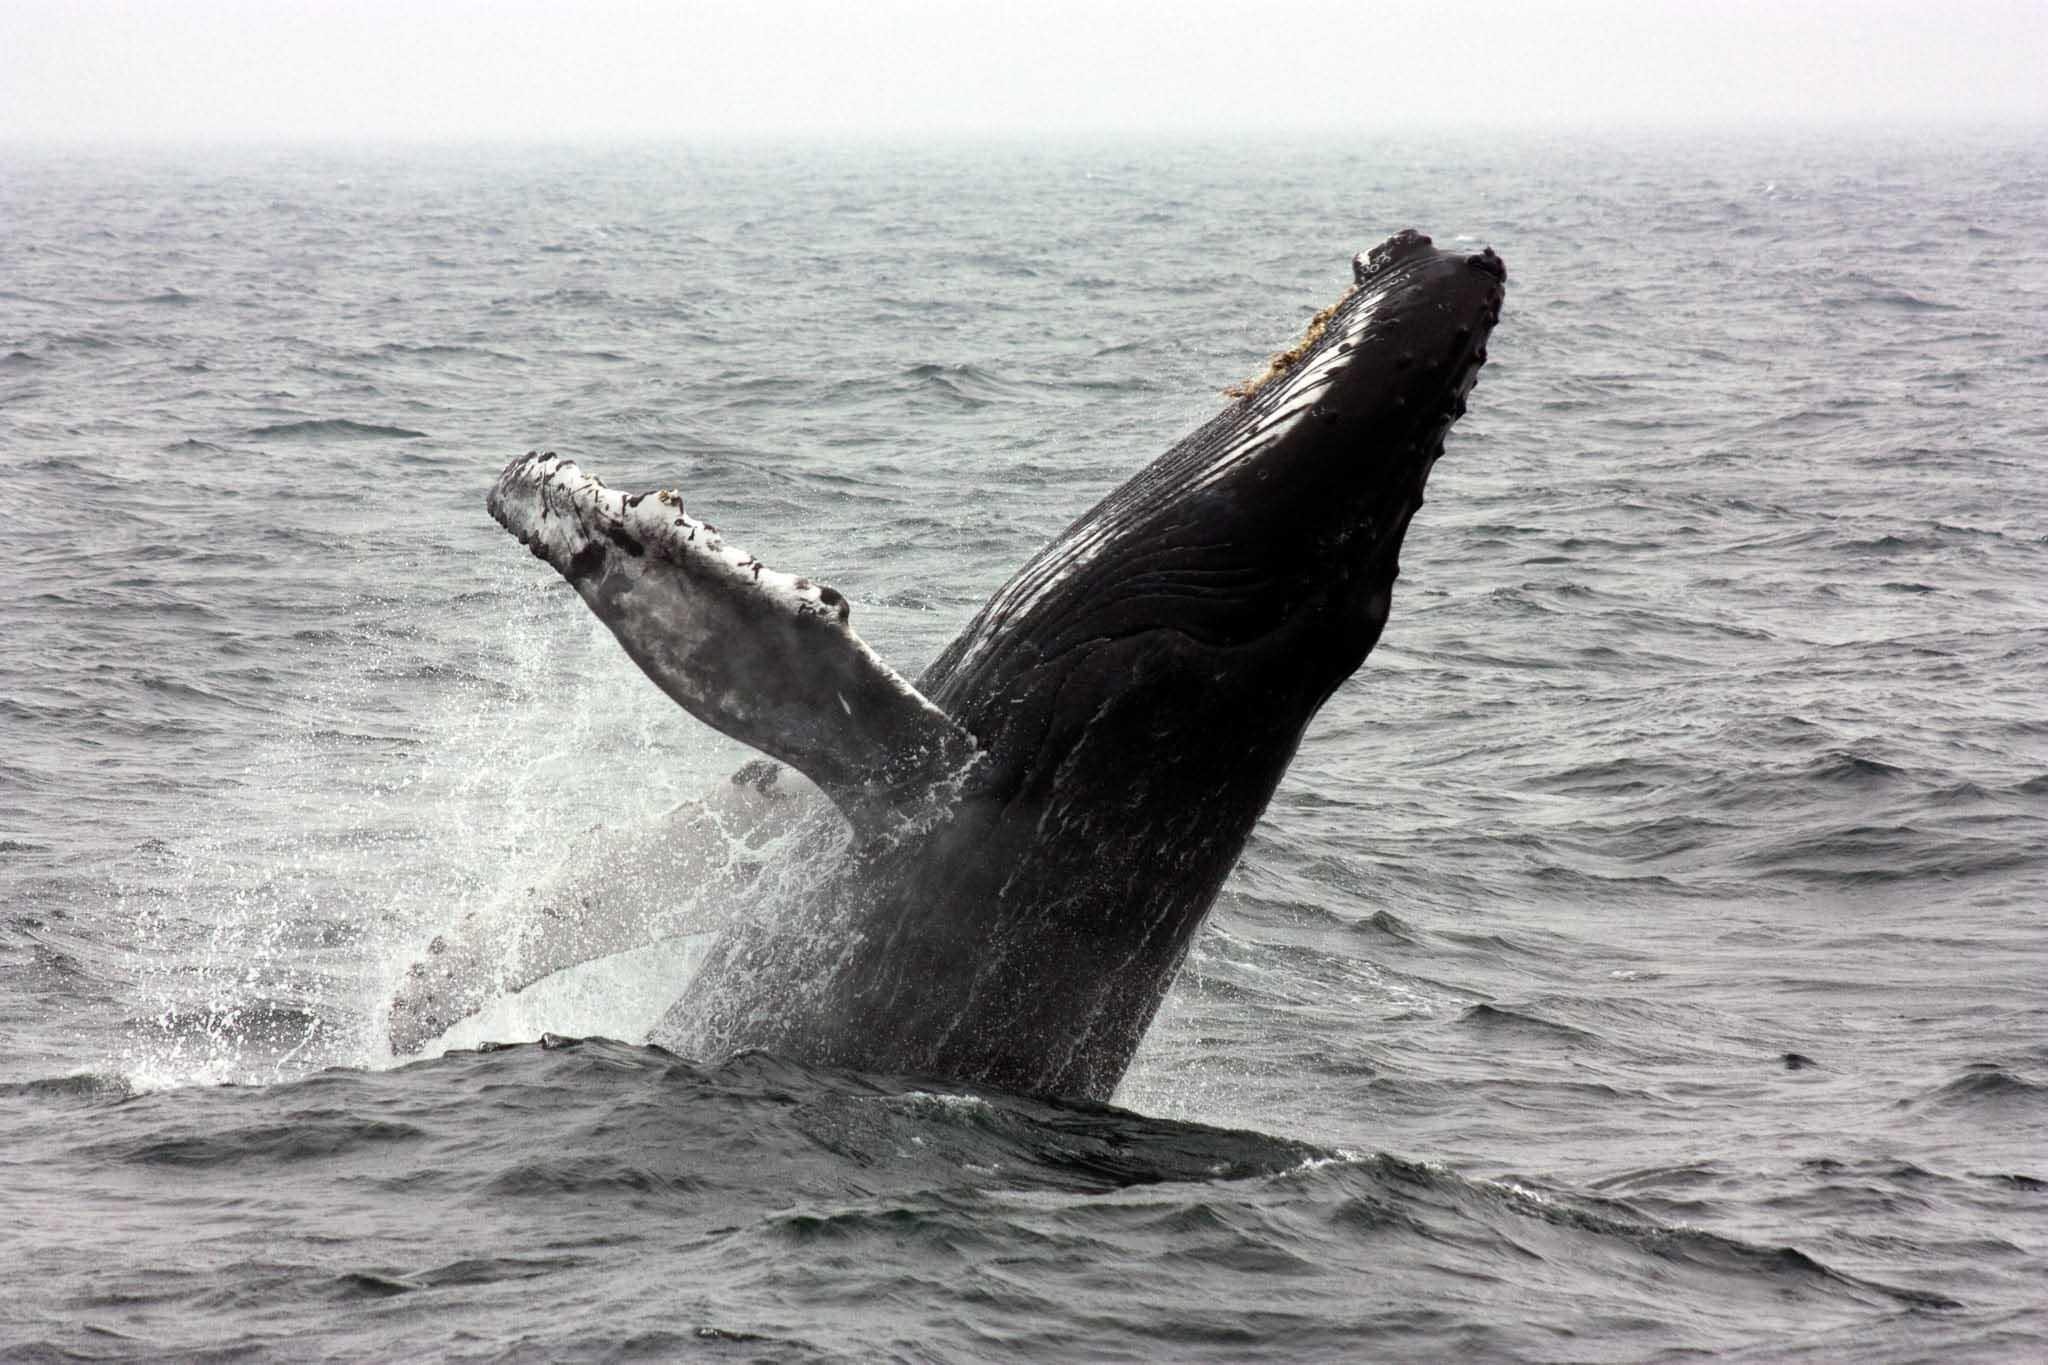 valar i Sydafrika, knölval, humpback whale